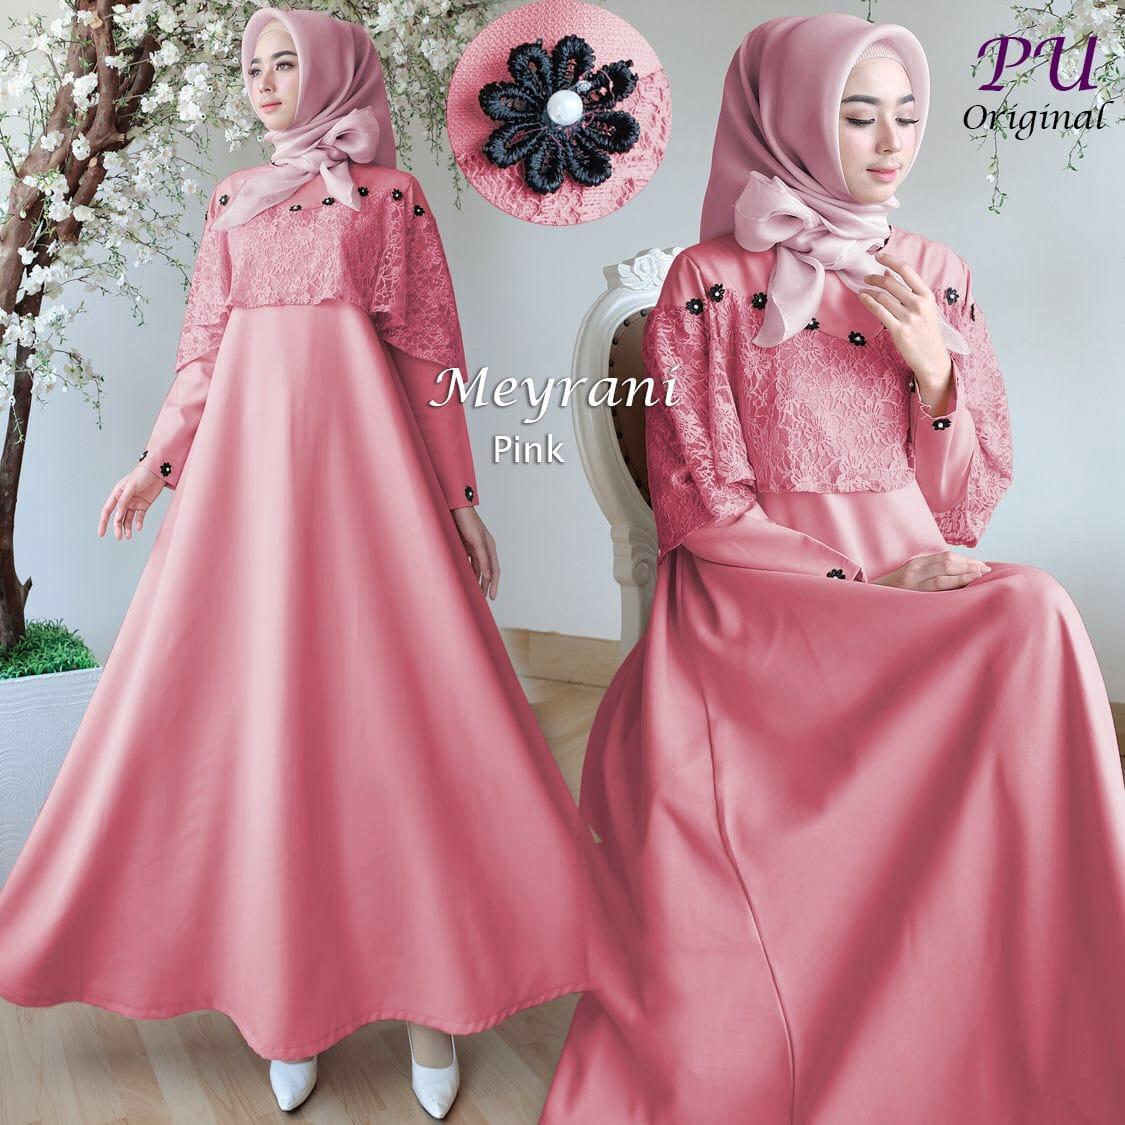 MAXI Meyrani Gaun Pesta MOSSCREPE GAMIS Baju Muslim Long Dress Lebaran